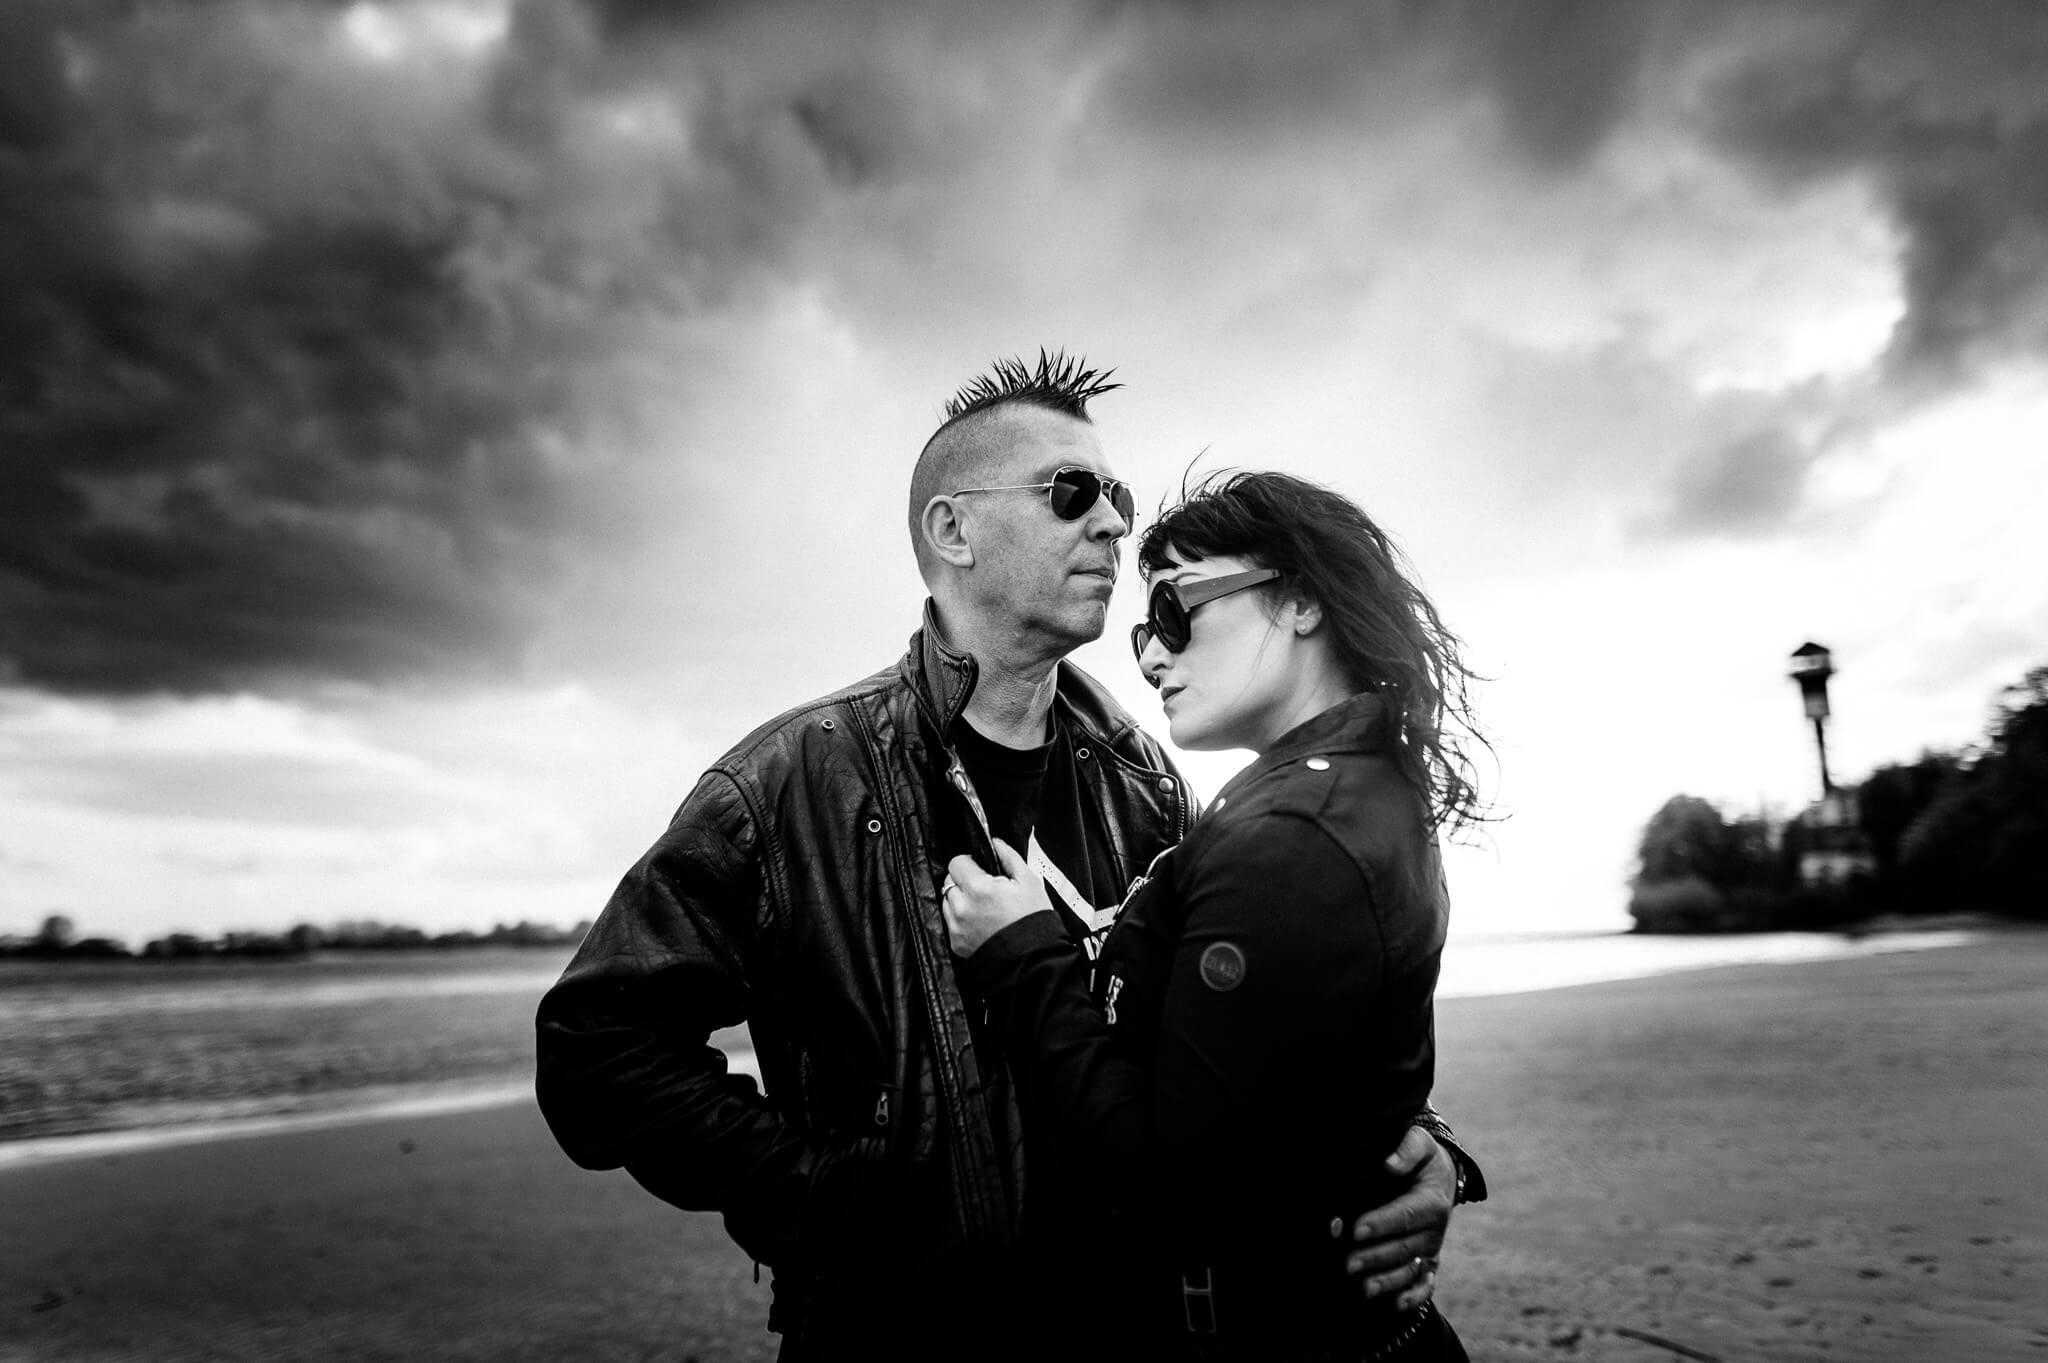 Lucia and Sascha of KMFDM